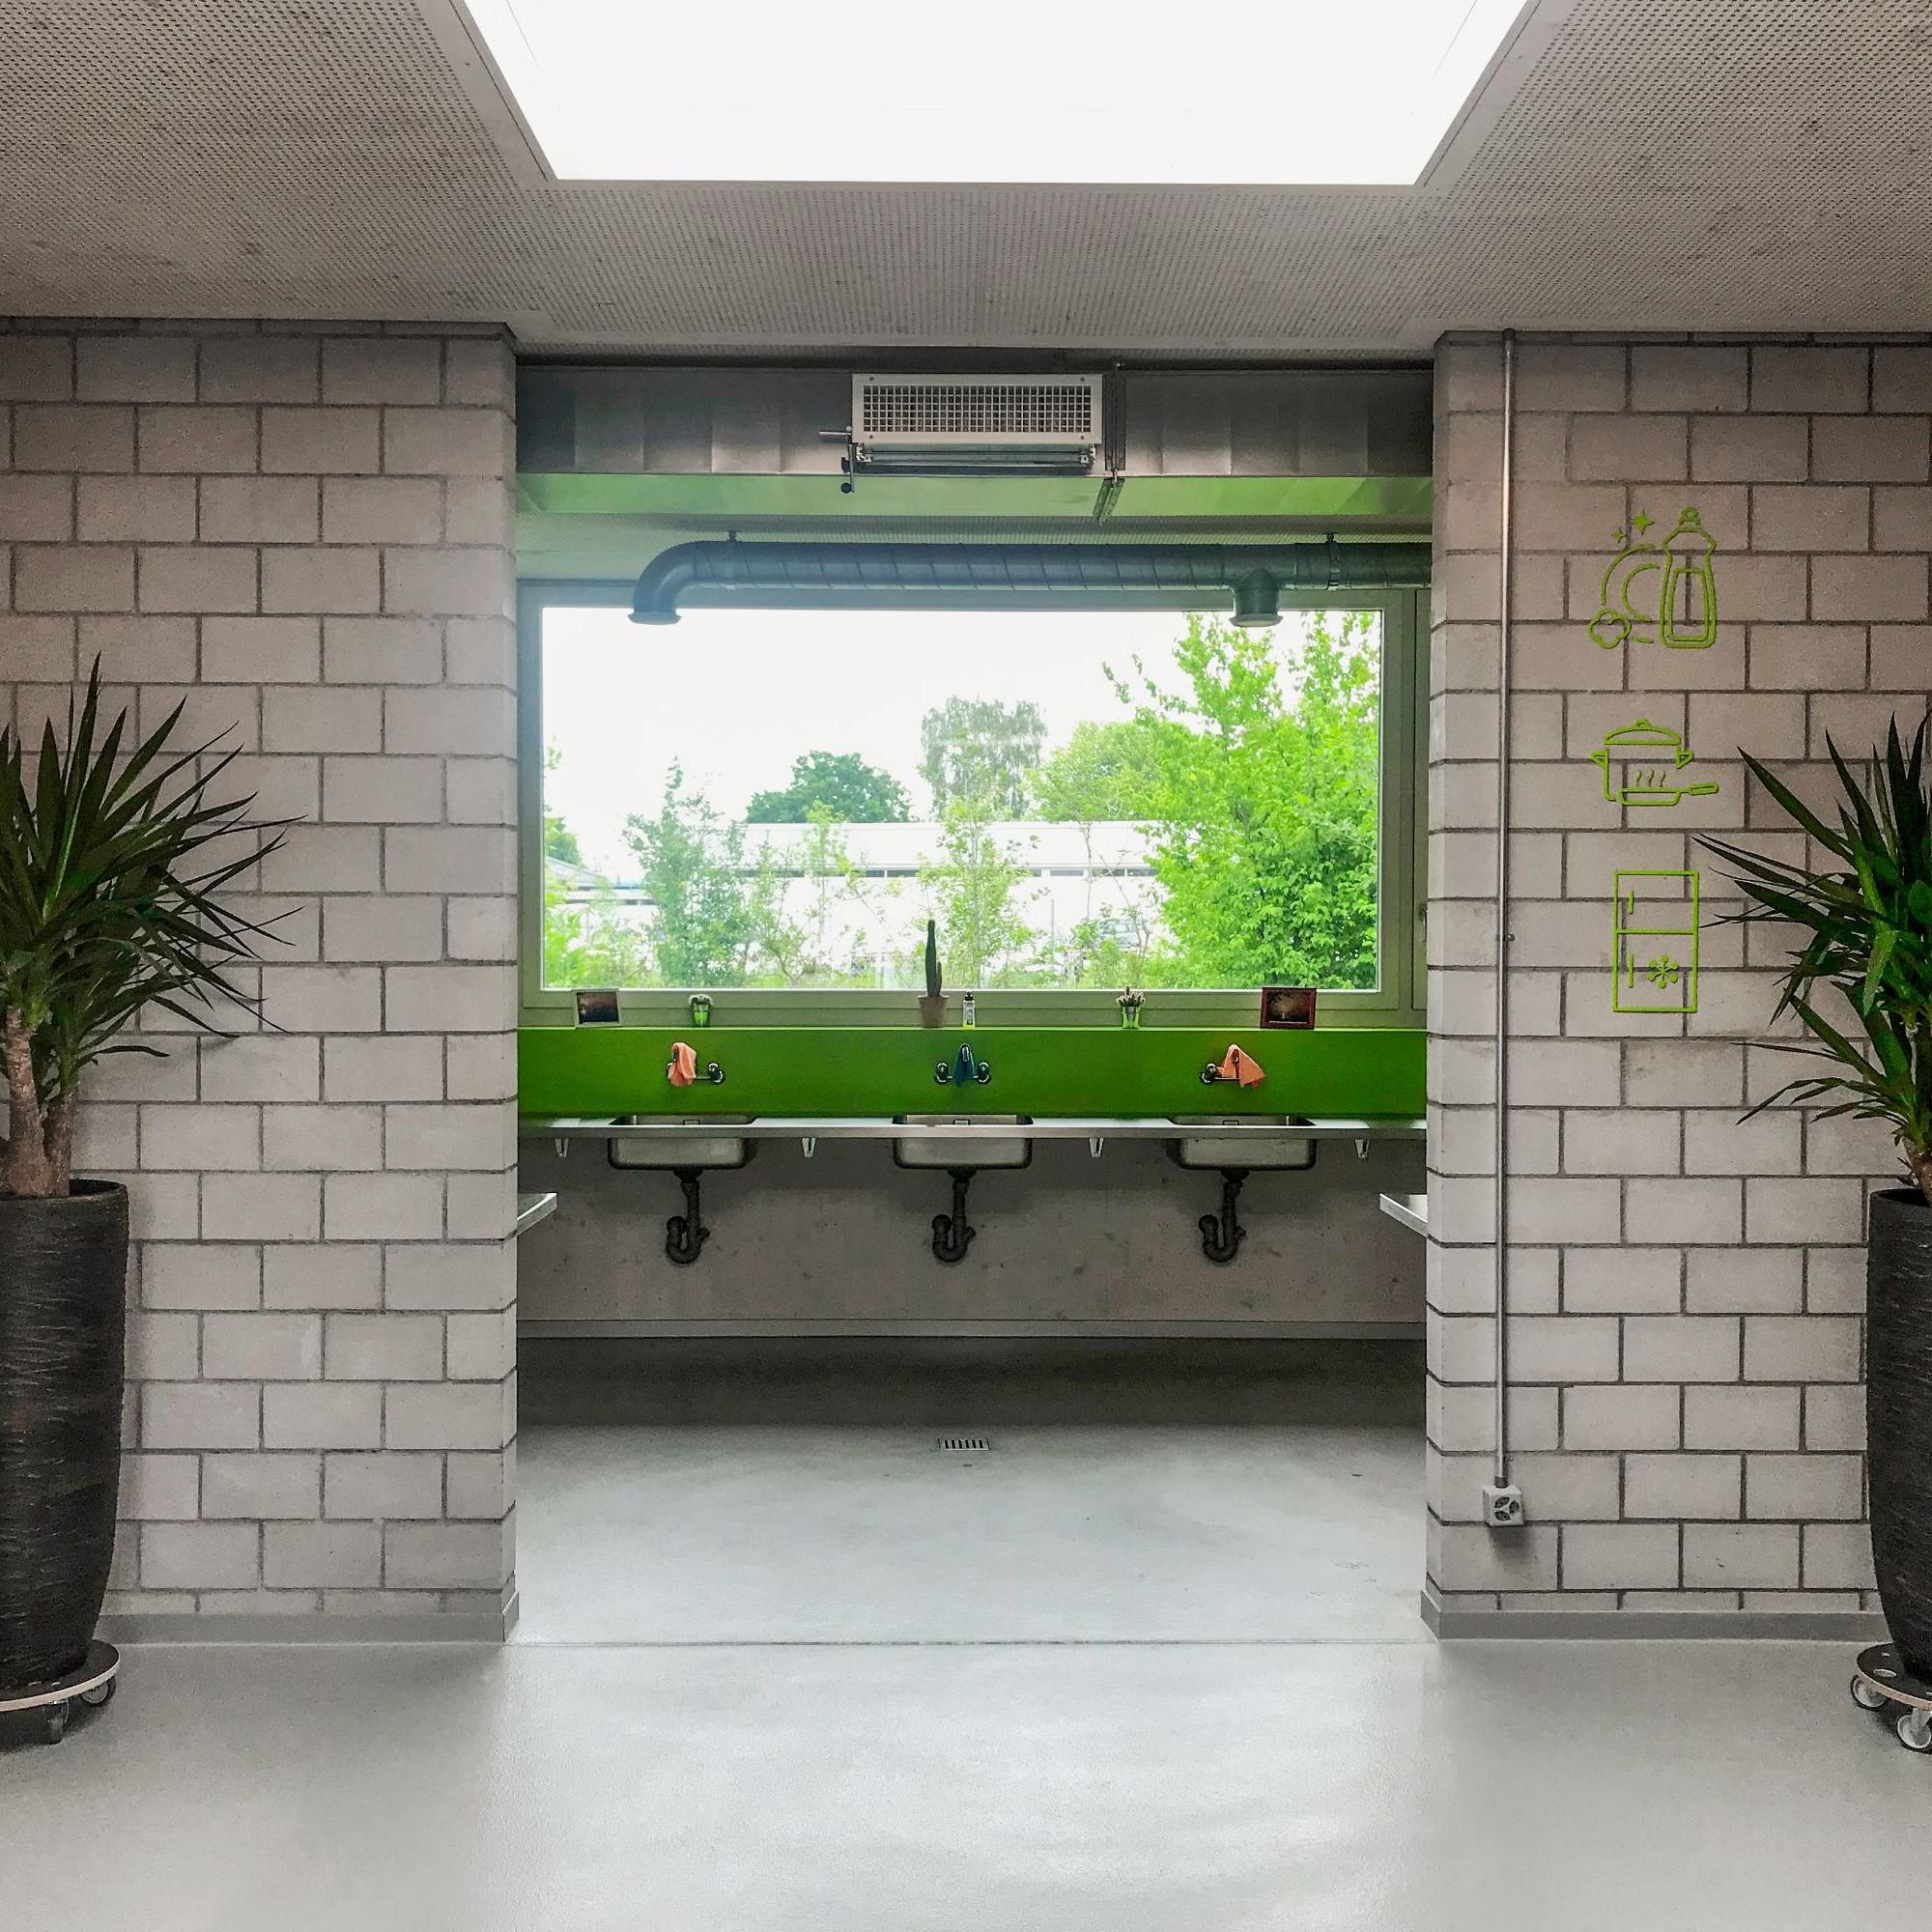 Über den Waschtischen ordnete das Entwurfsteam ein grosses Panoramafenster an.